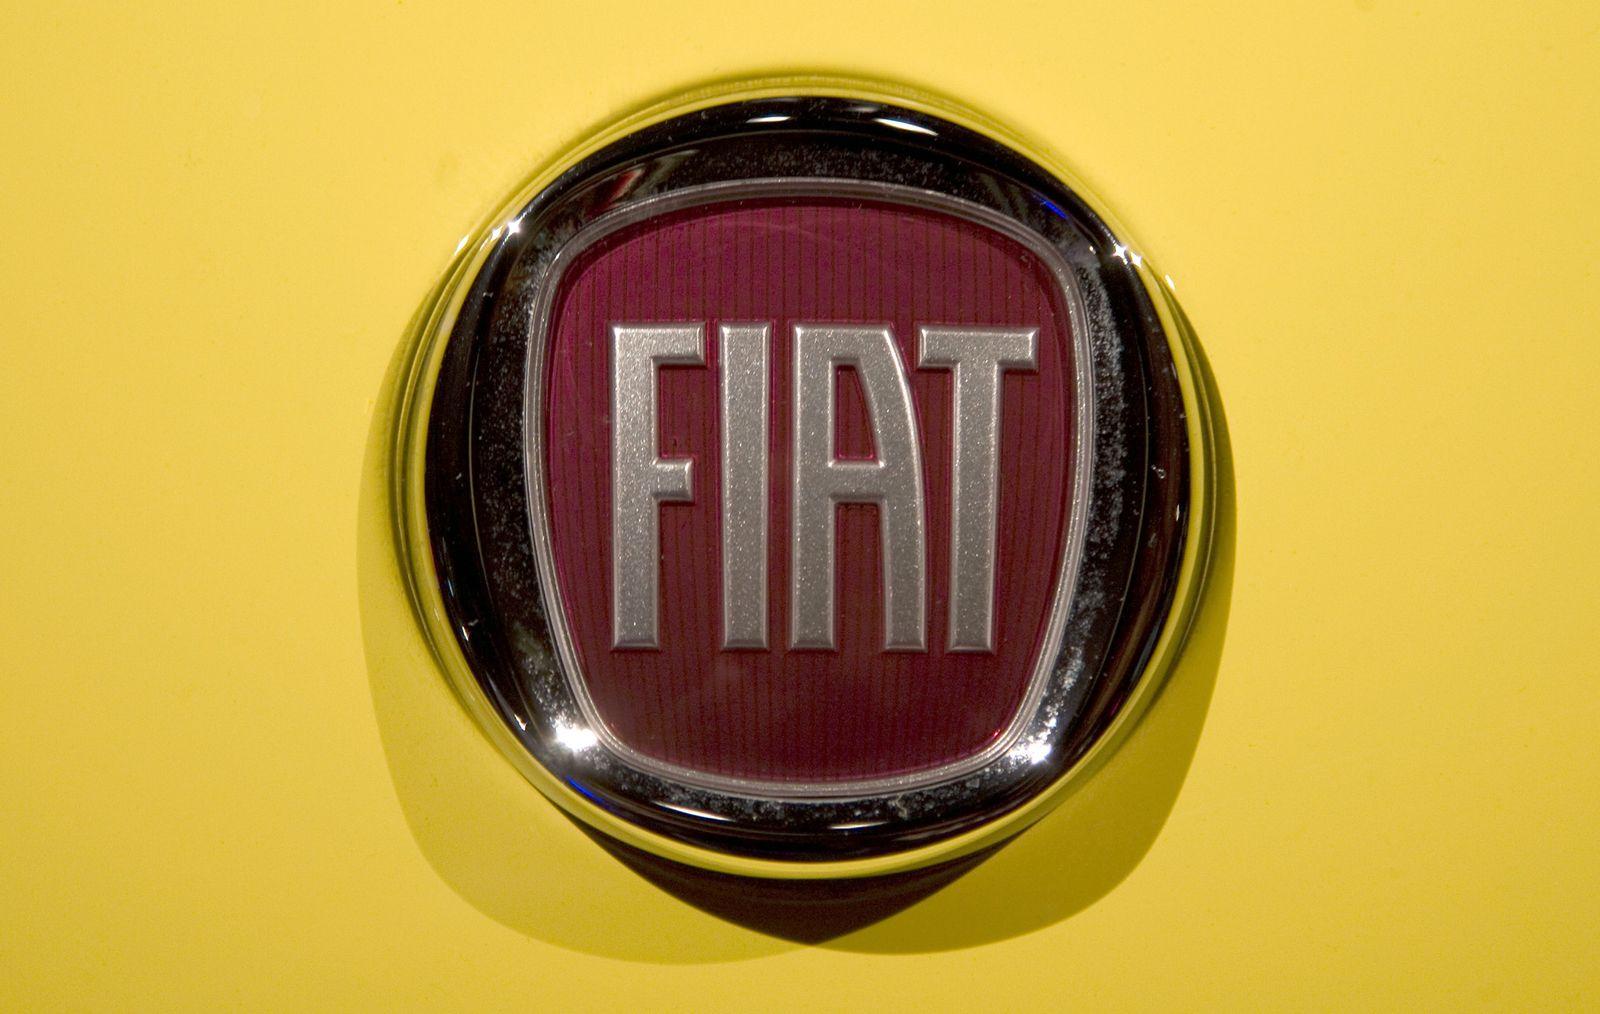 Autohersteller / Logo / Fiat